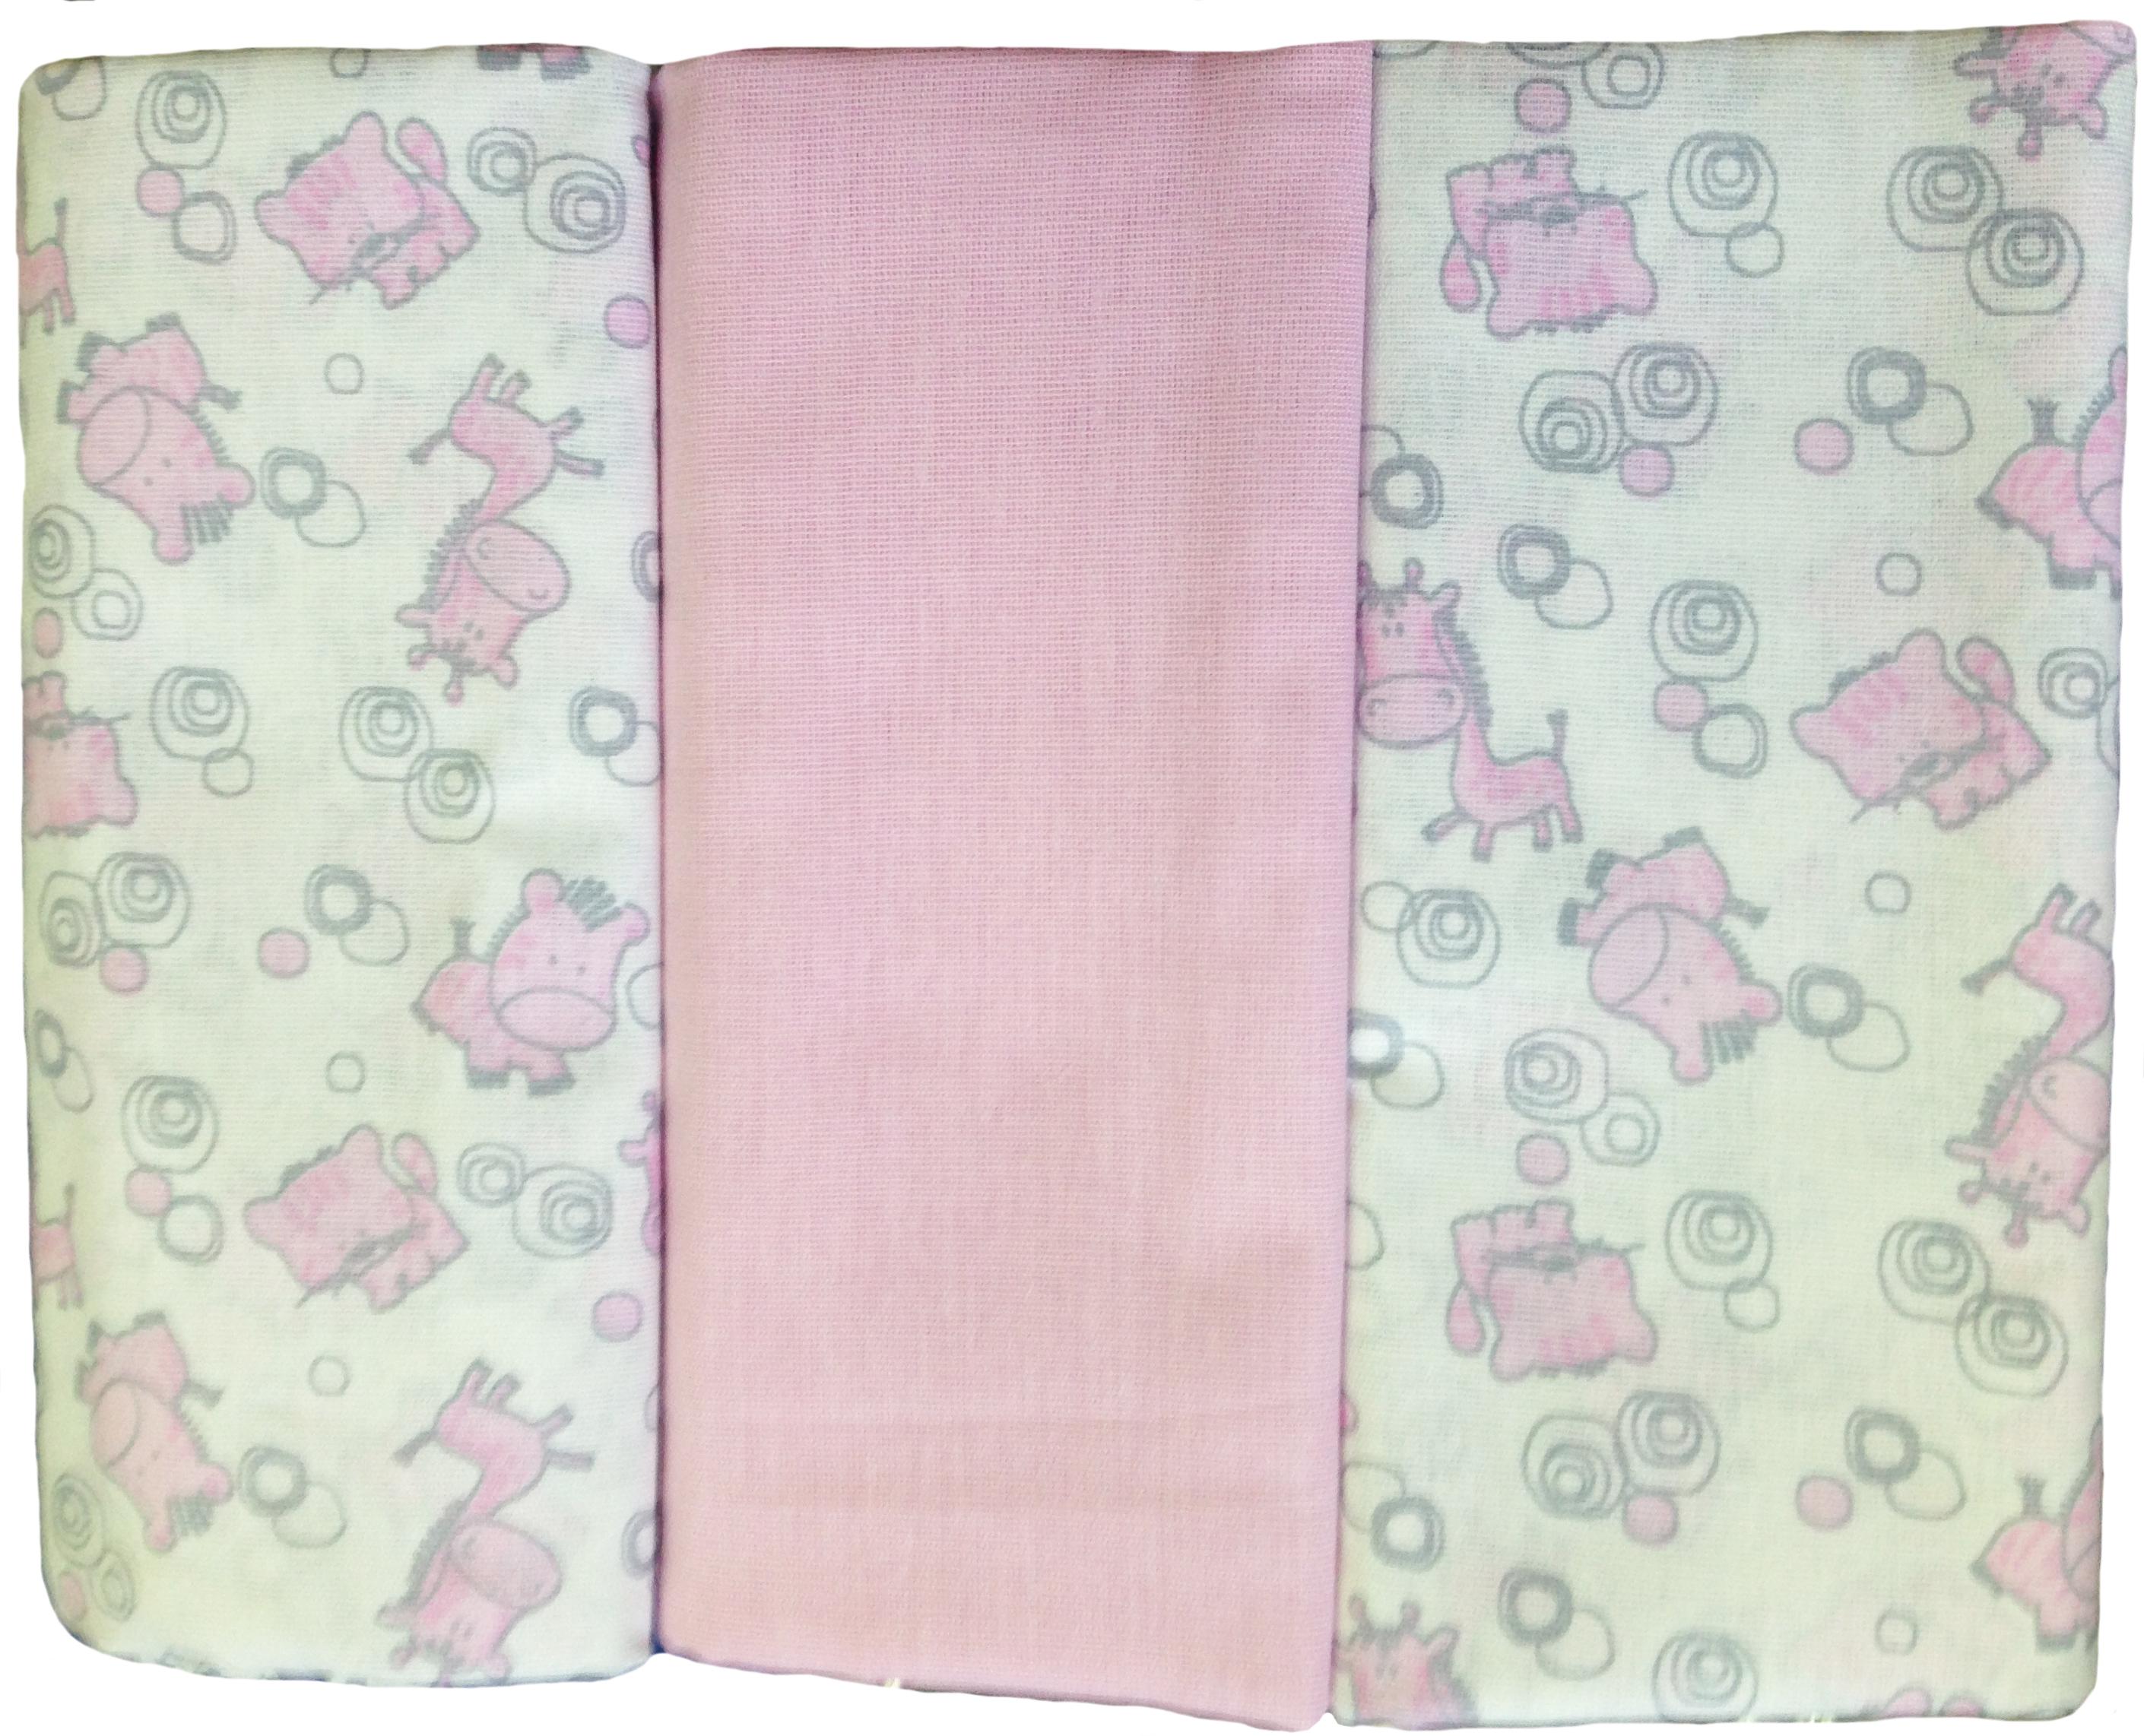 Первые вещи новорожденного Barkito Комплект пелёнок Barkito (ситец) 90х120 3 шт.